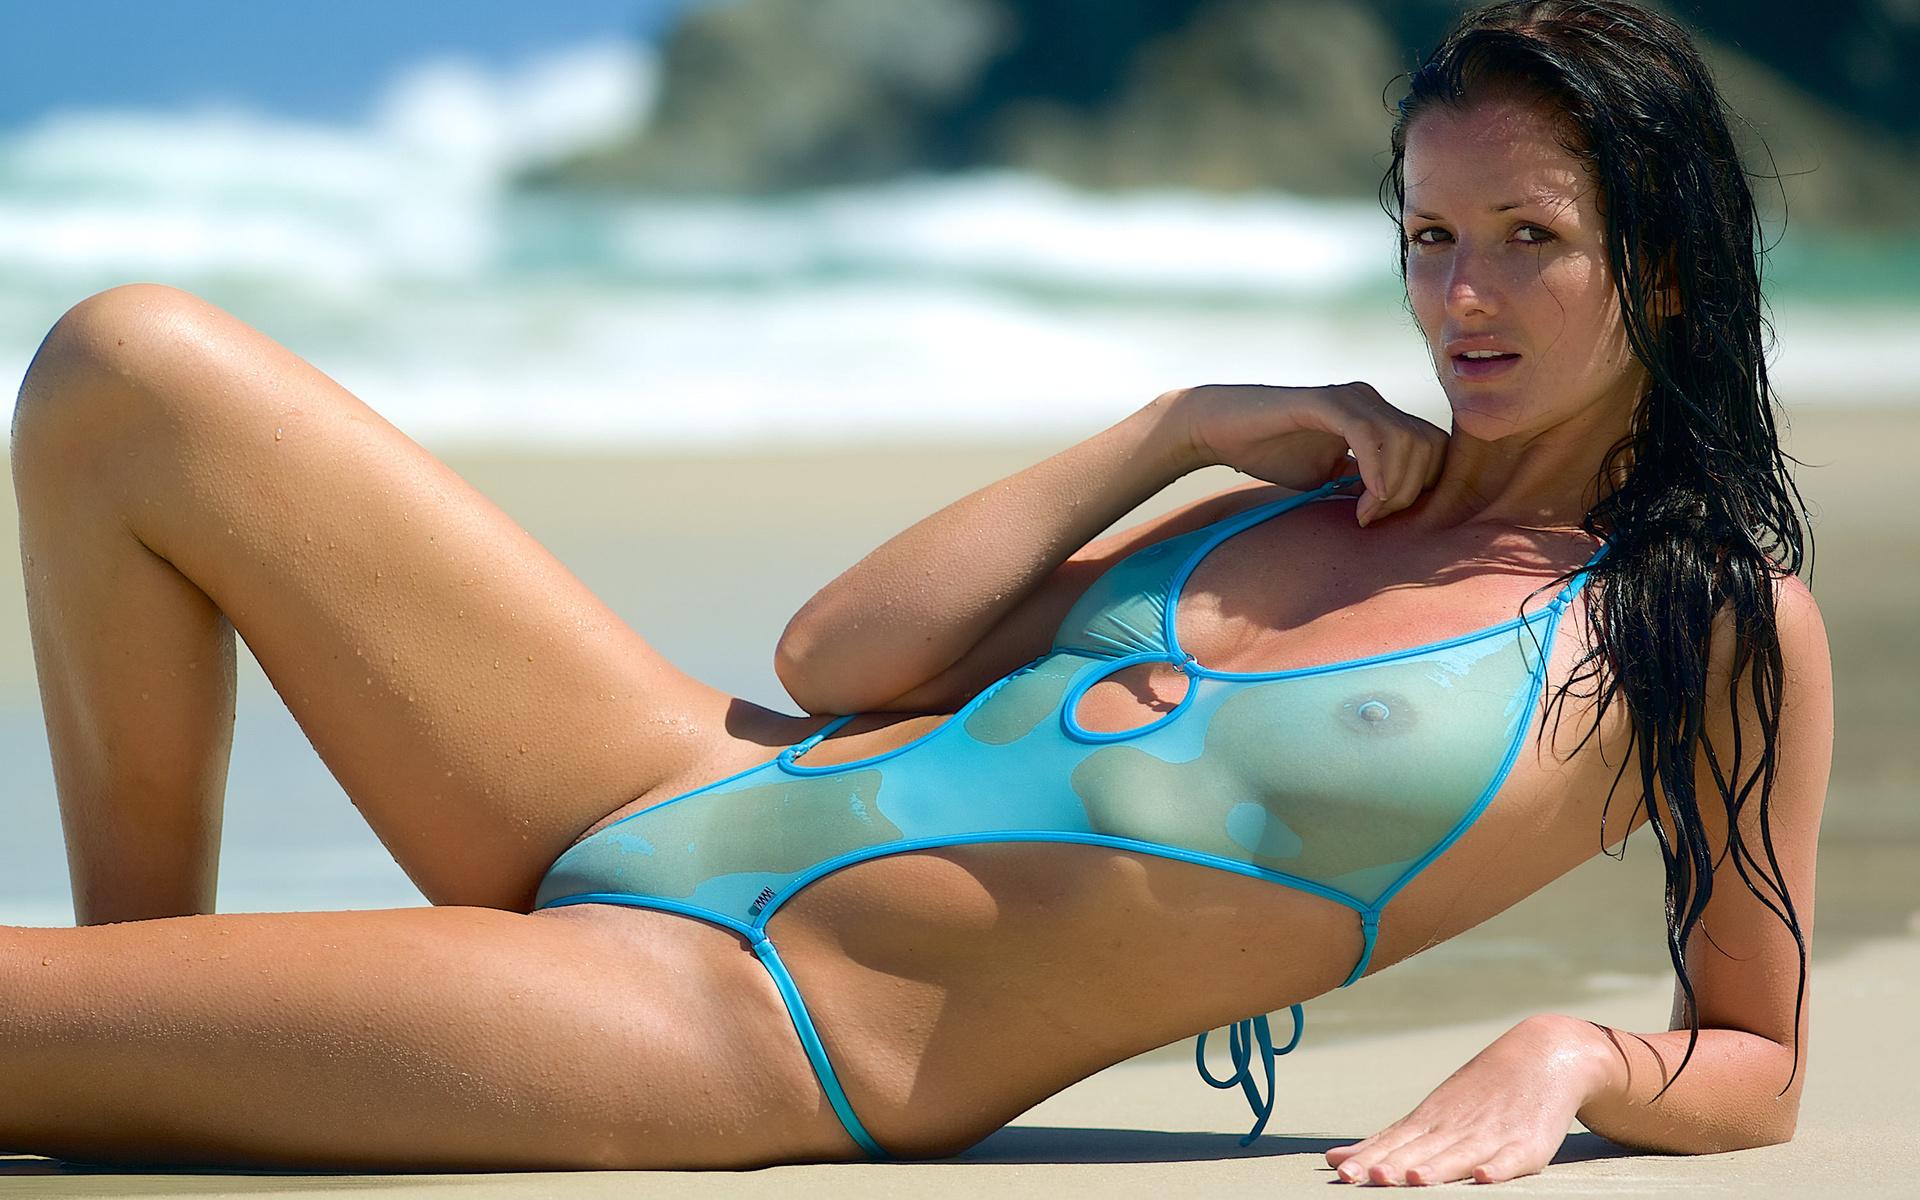 Naked girl in bikini